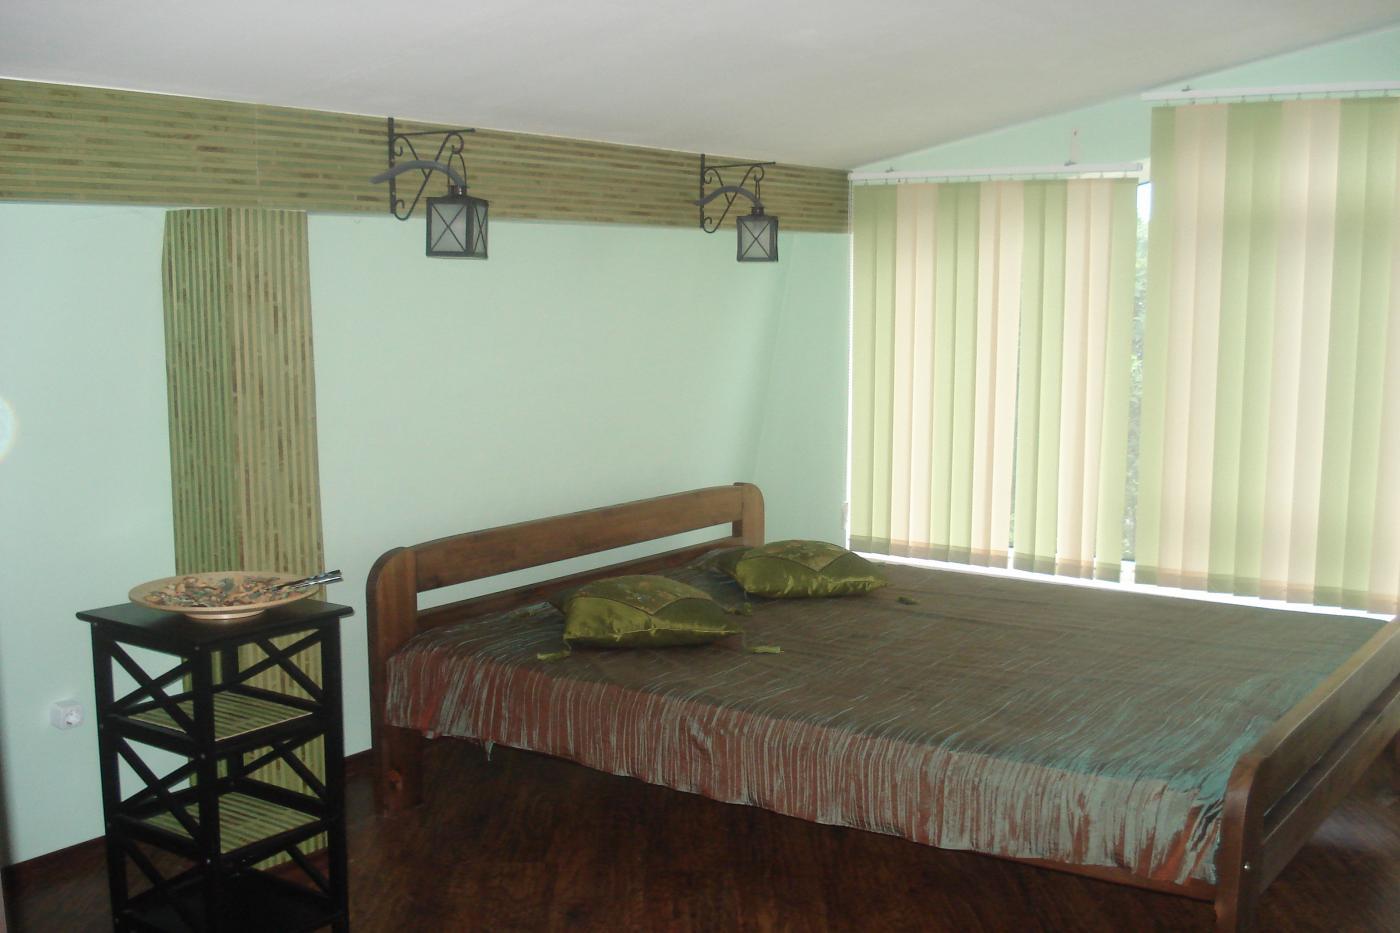 2-комнатная квартира посуточно (вариант № 858), ул. Кастрополь, ул. Кипарисная улица, фото № 12